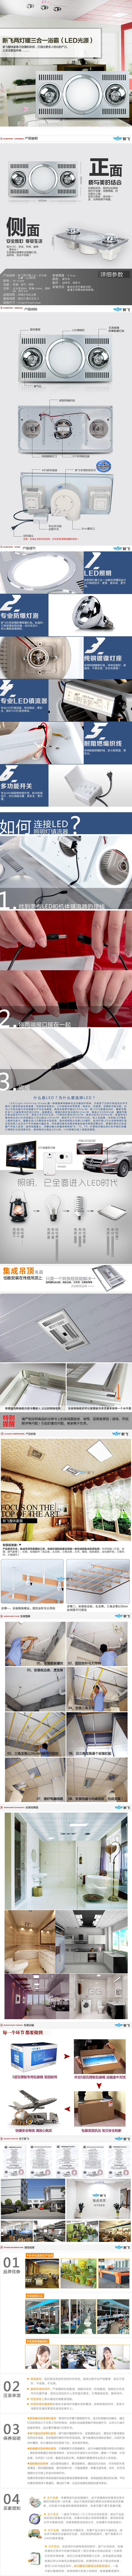 新飞 集成吊顶 二灯暖三合一浴霸 led灯功能 集成电器